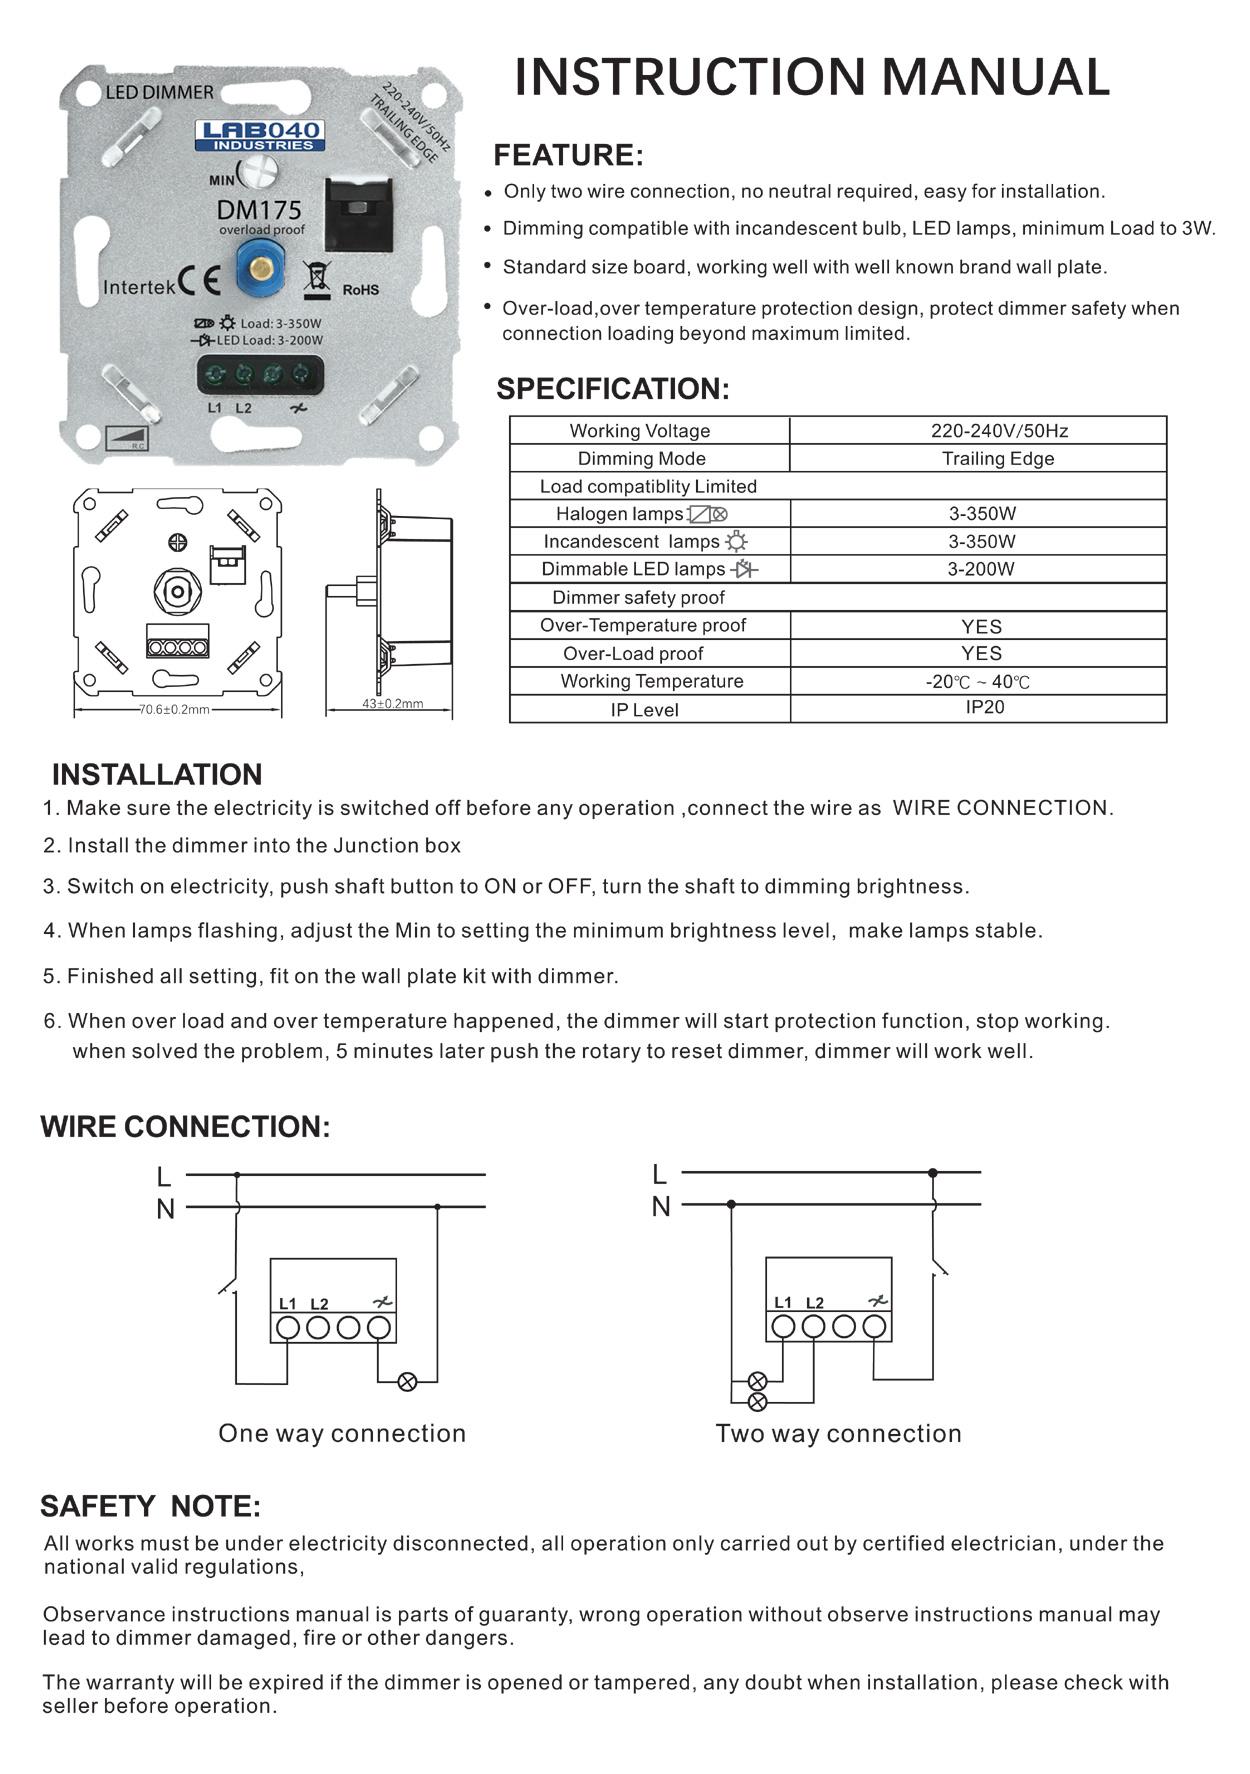 9202-sll-led-dimmer-3-200w watt